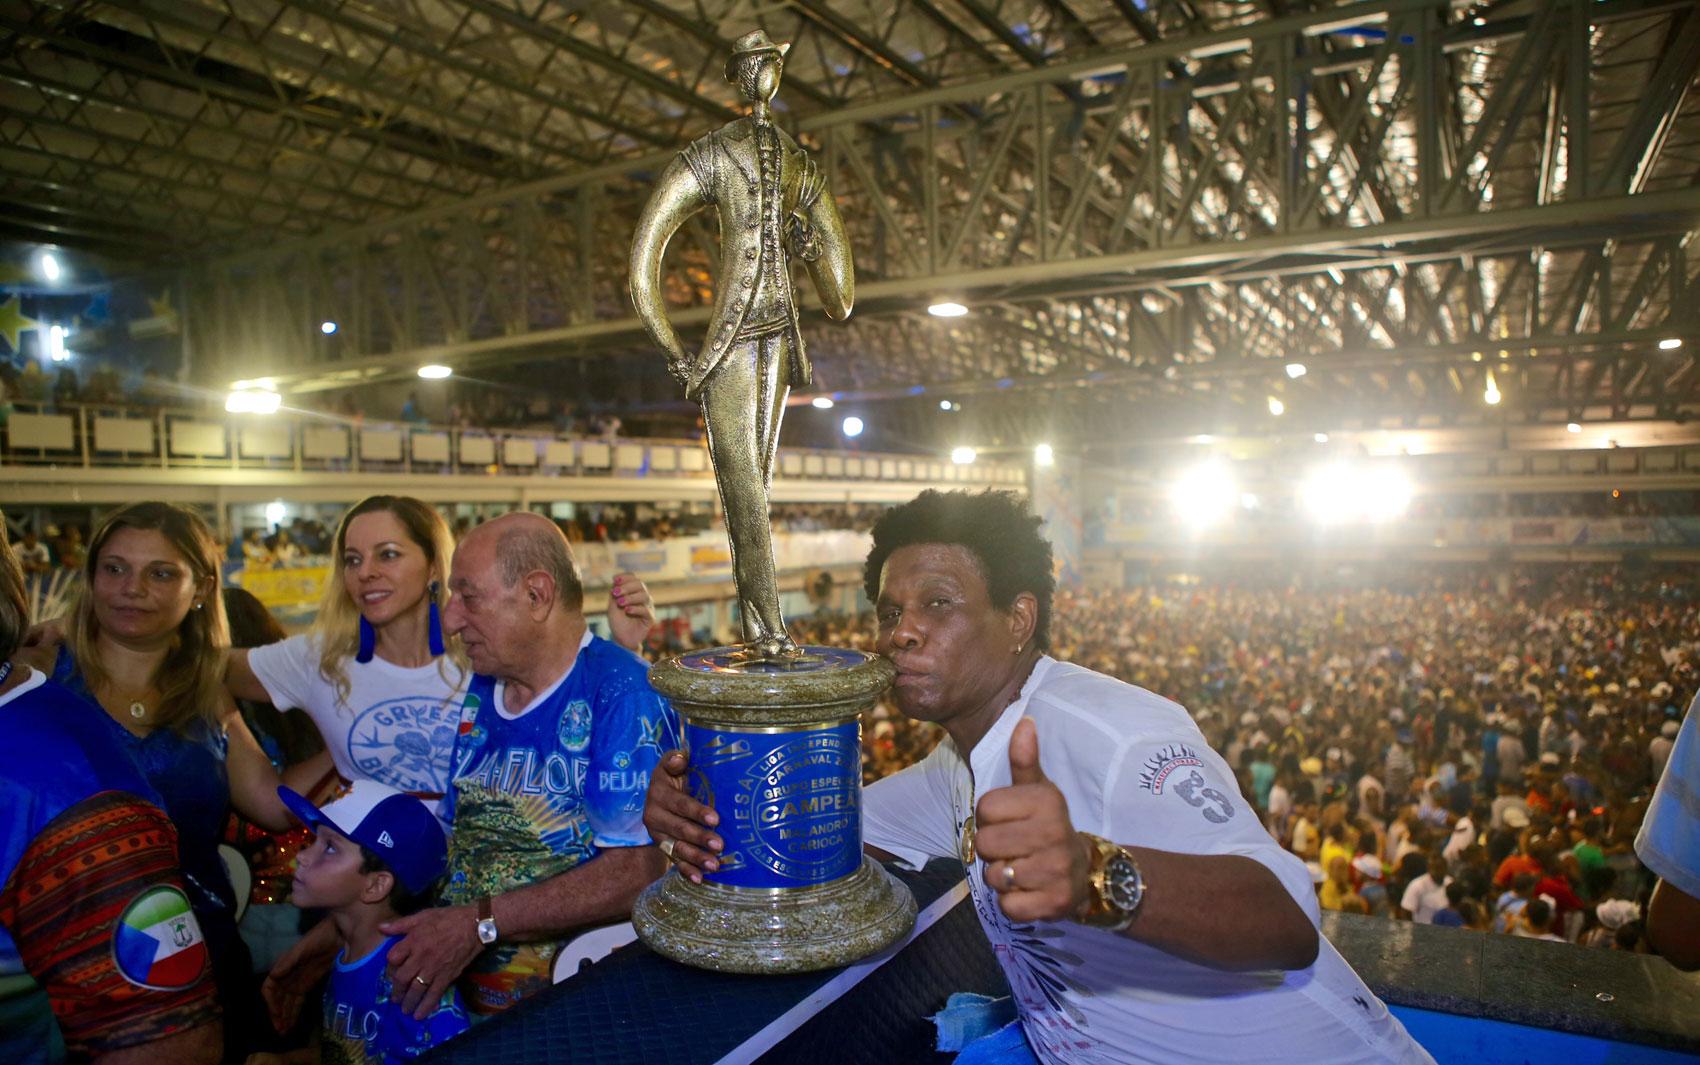 neguinho da Beija-Flor com o troféu do carnaval 2015